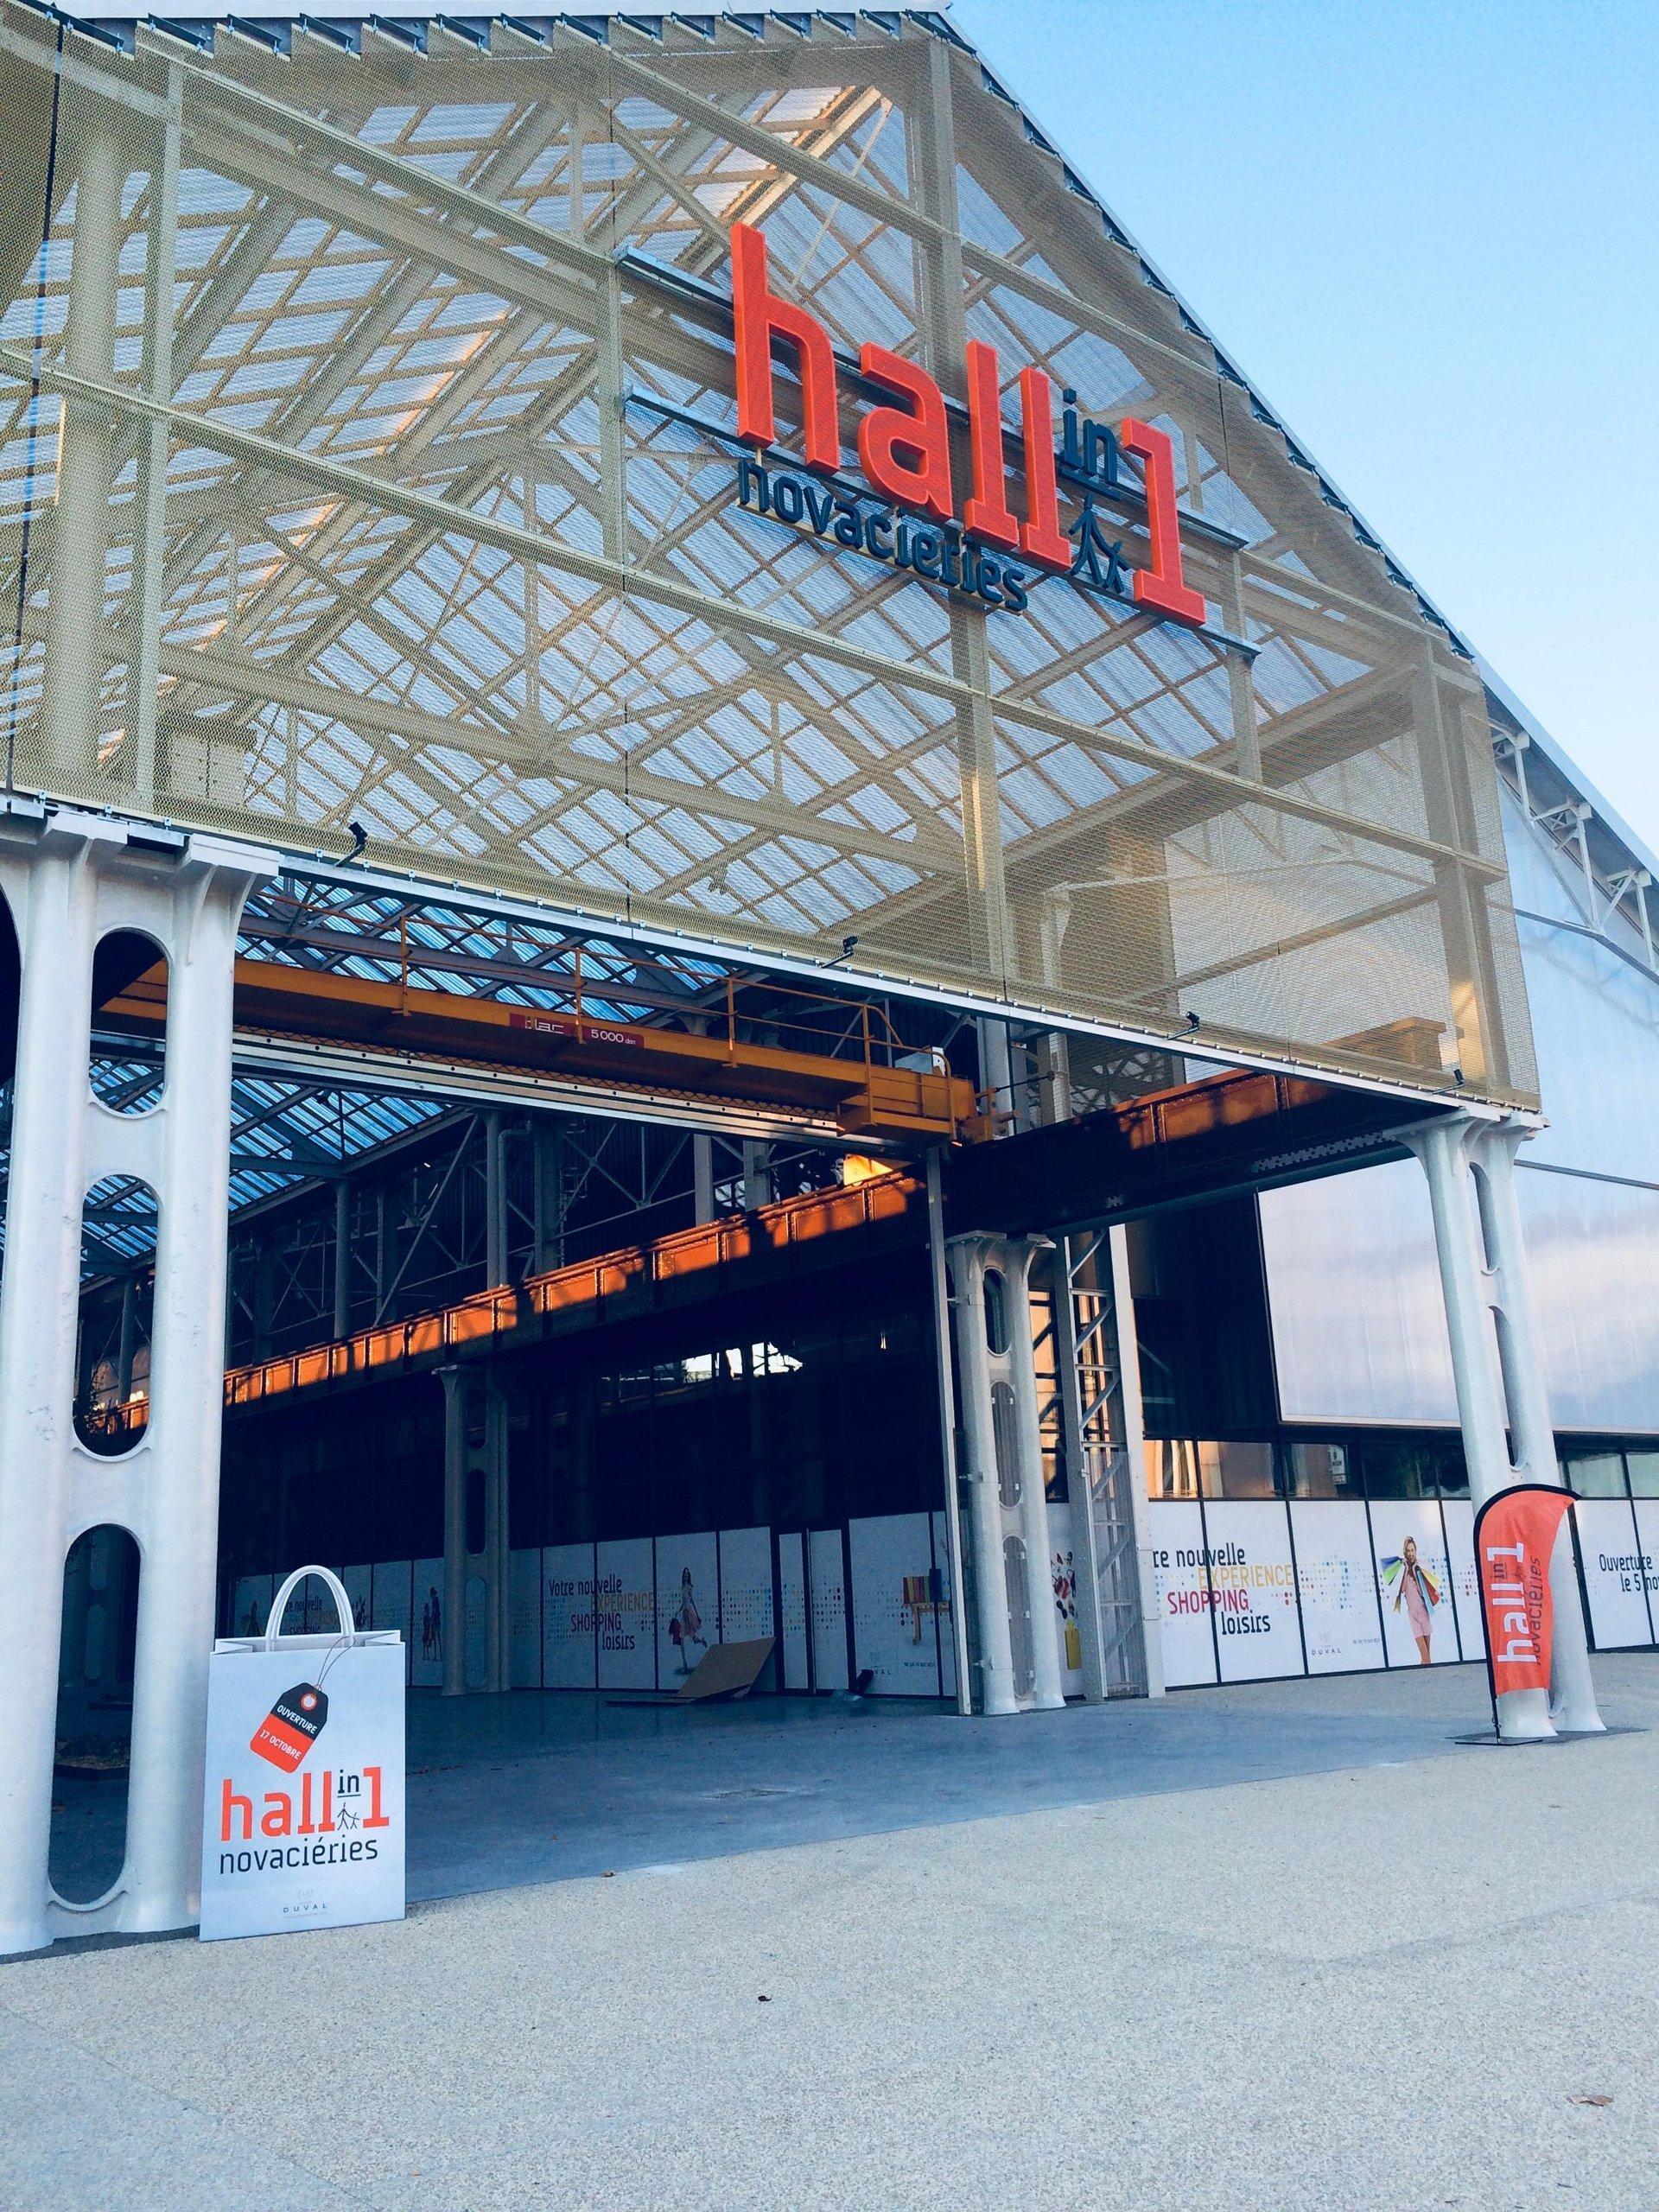 Hall in One a ouvert ses portes mercredi 17 Octobre sur le site de Novacieries à Saint Chamond.